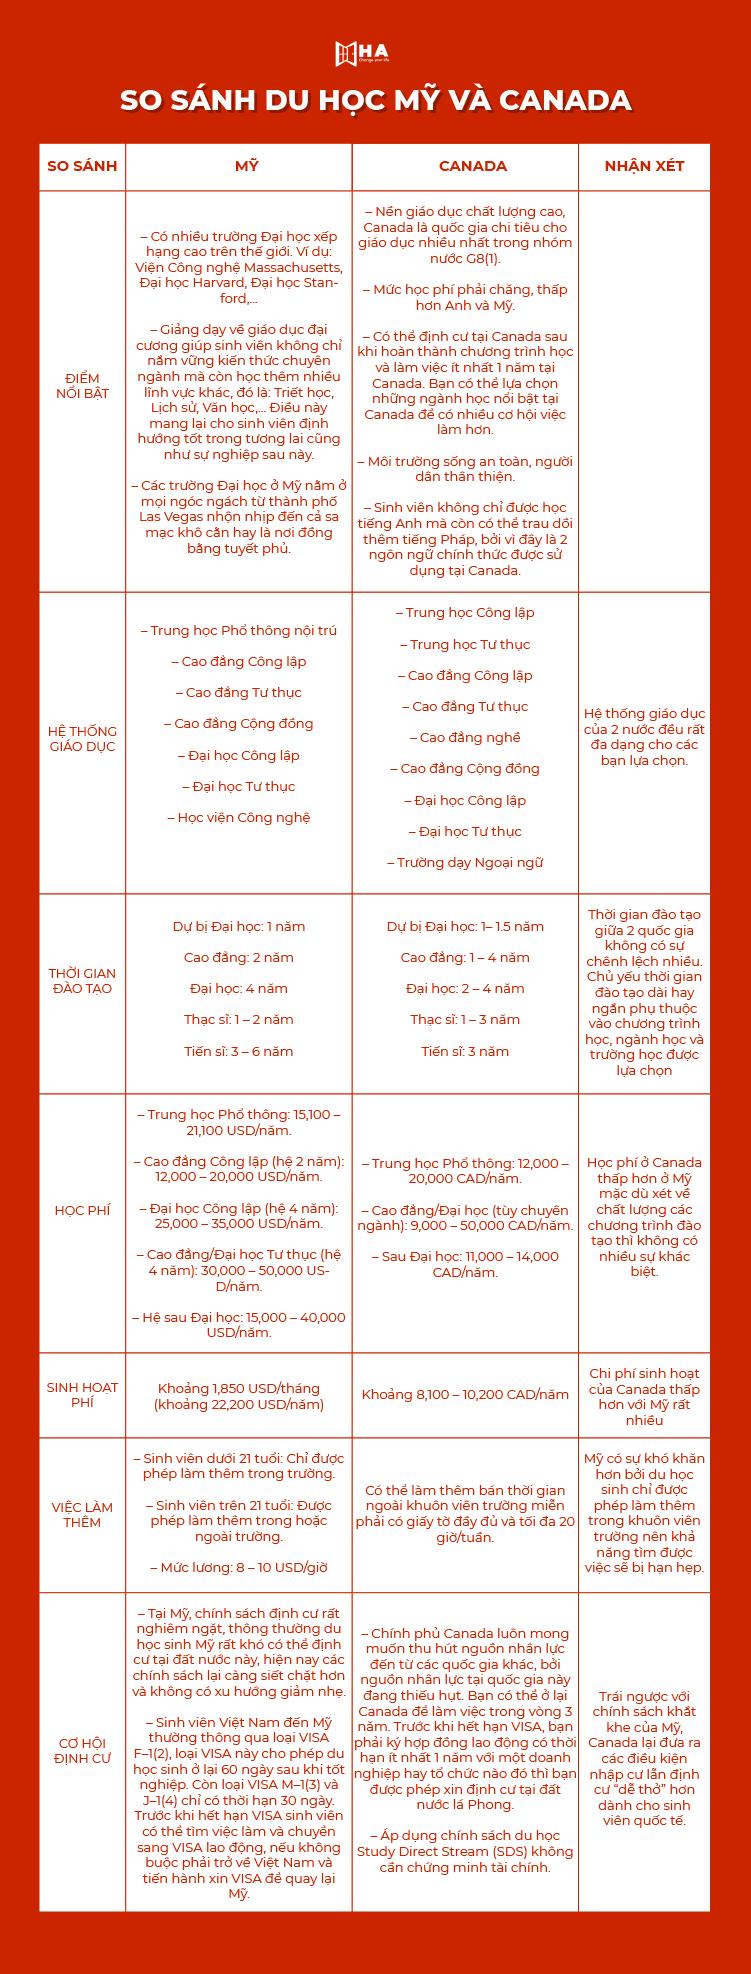 So sánh du học Mỹ và Canada